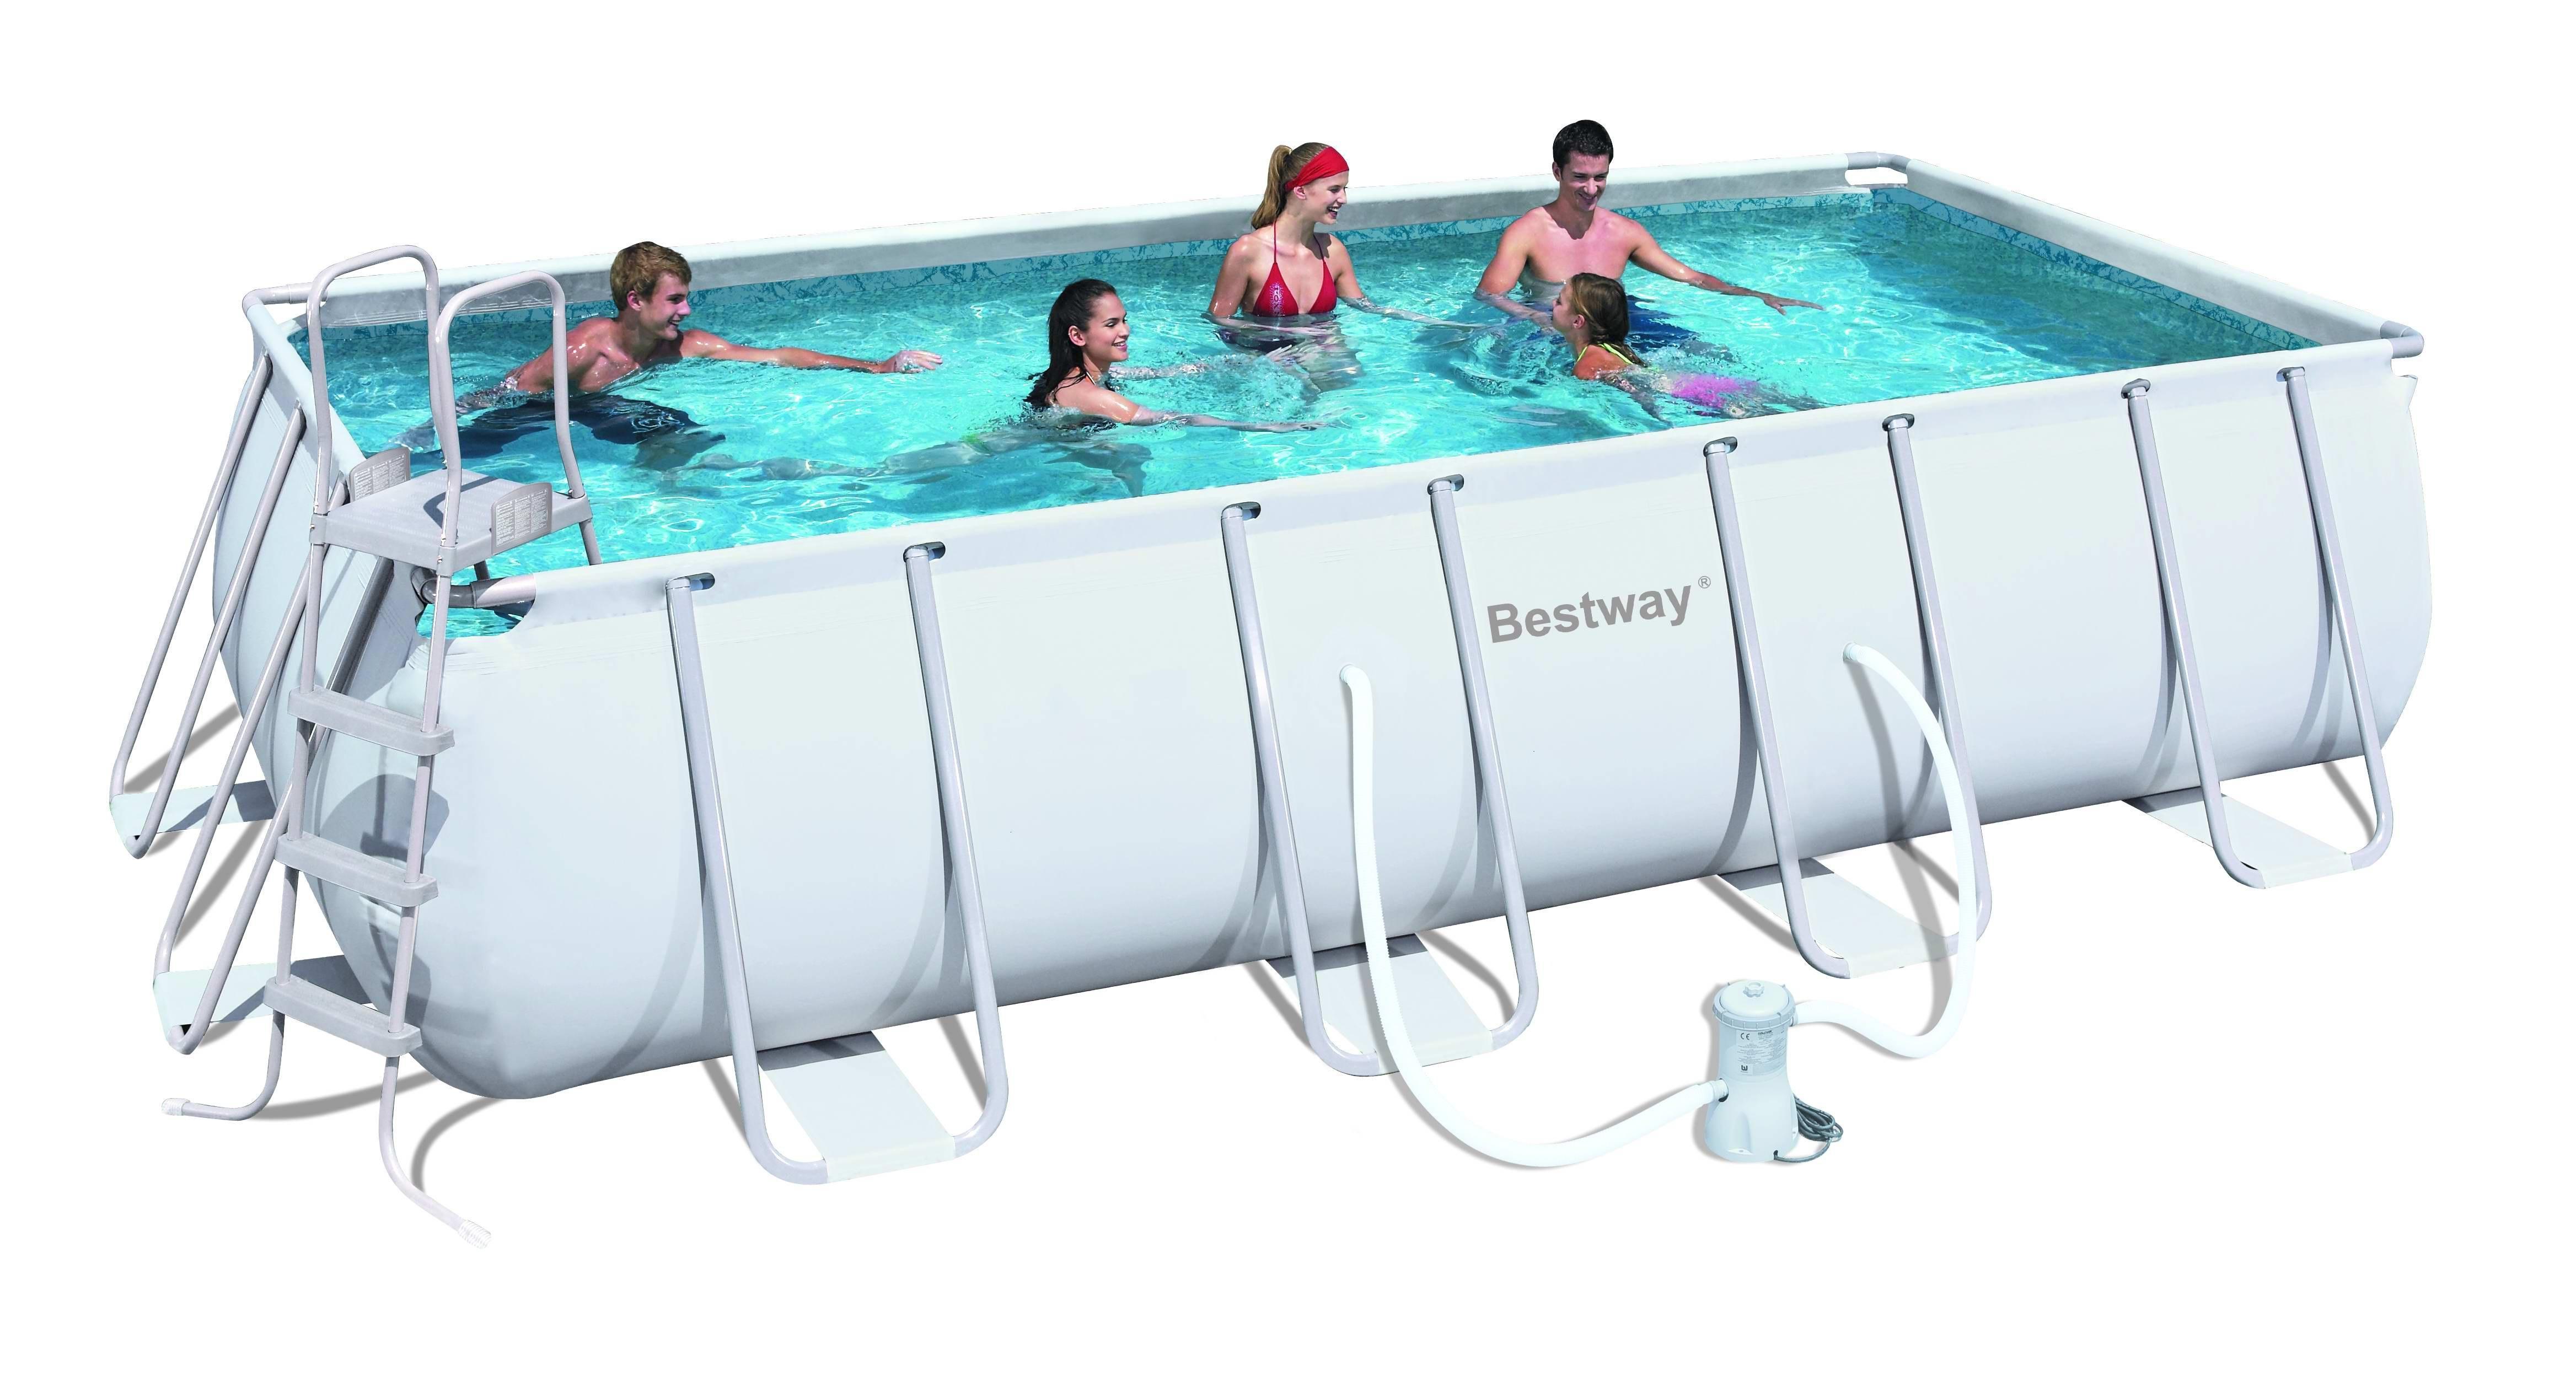 Foto dormitorio isis creaciones ss foto 658005 for Estructura para piscina